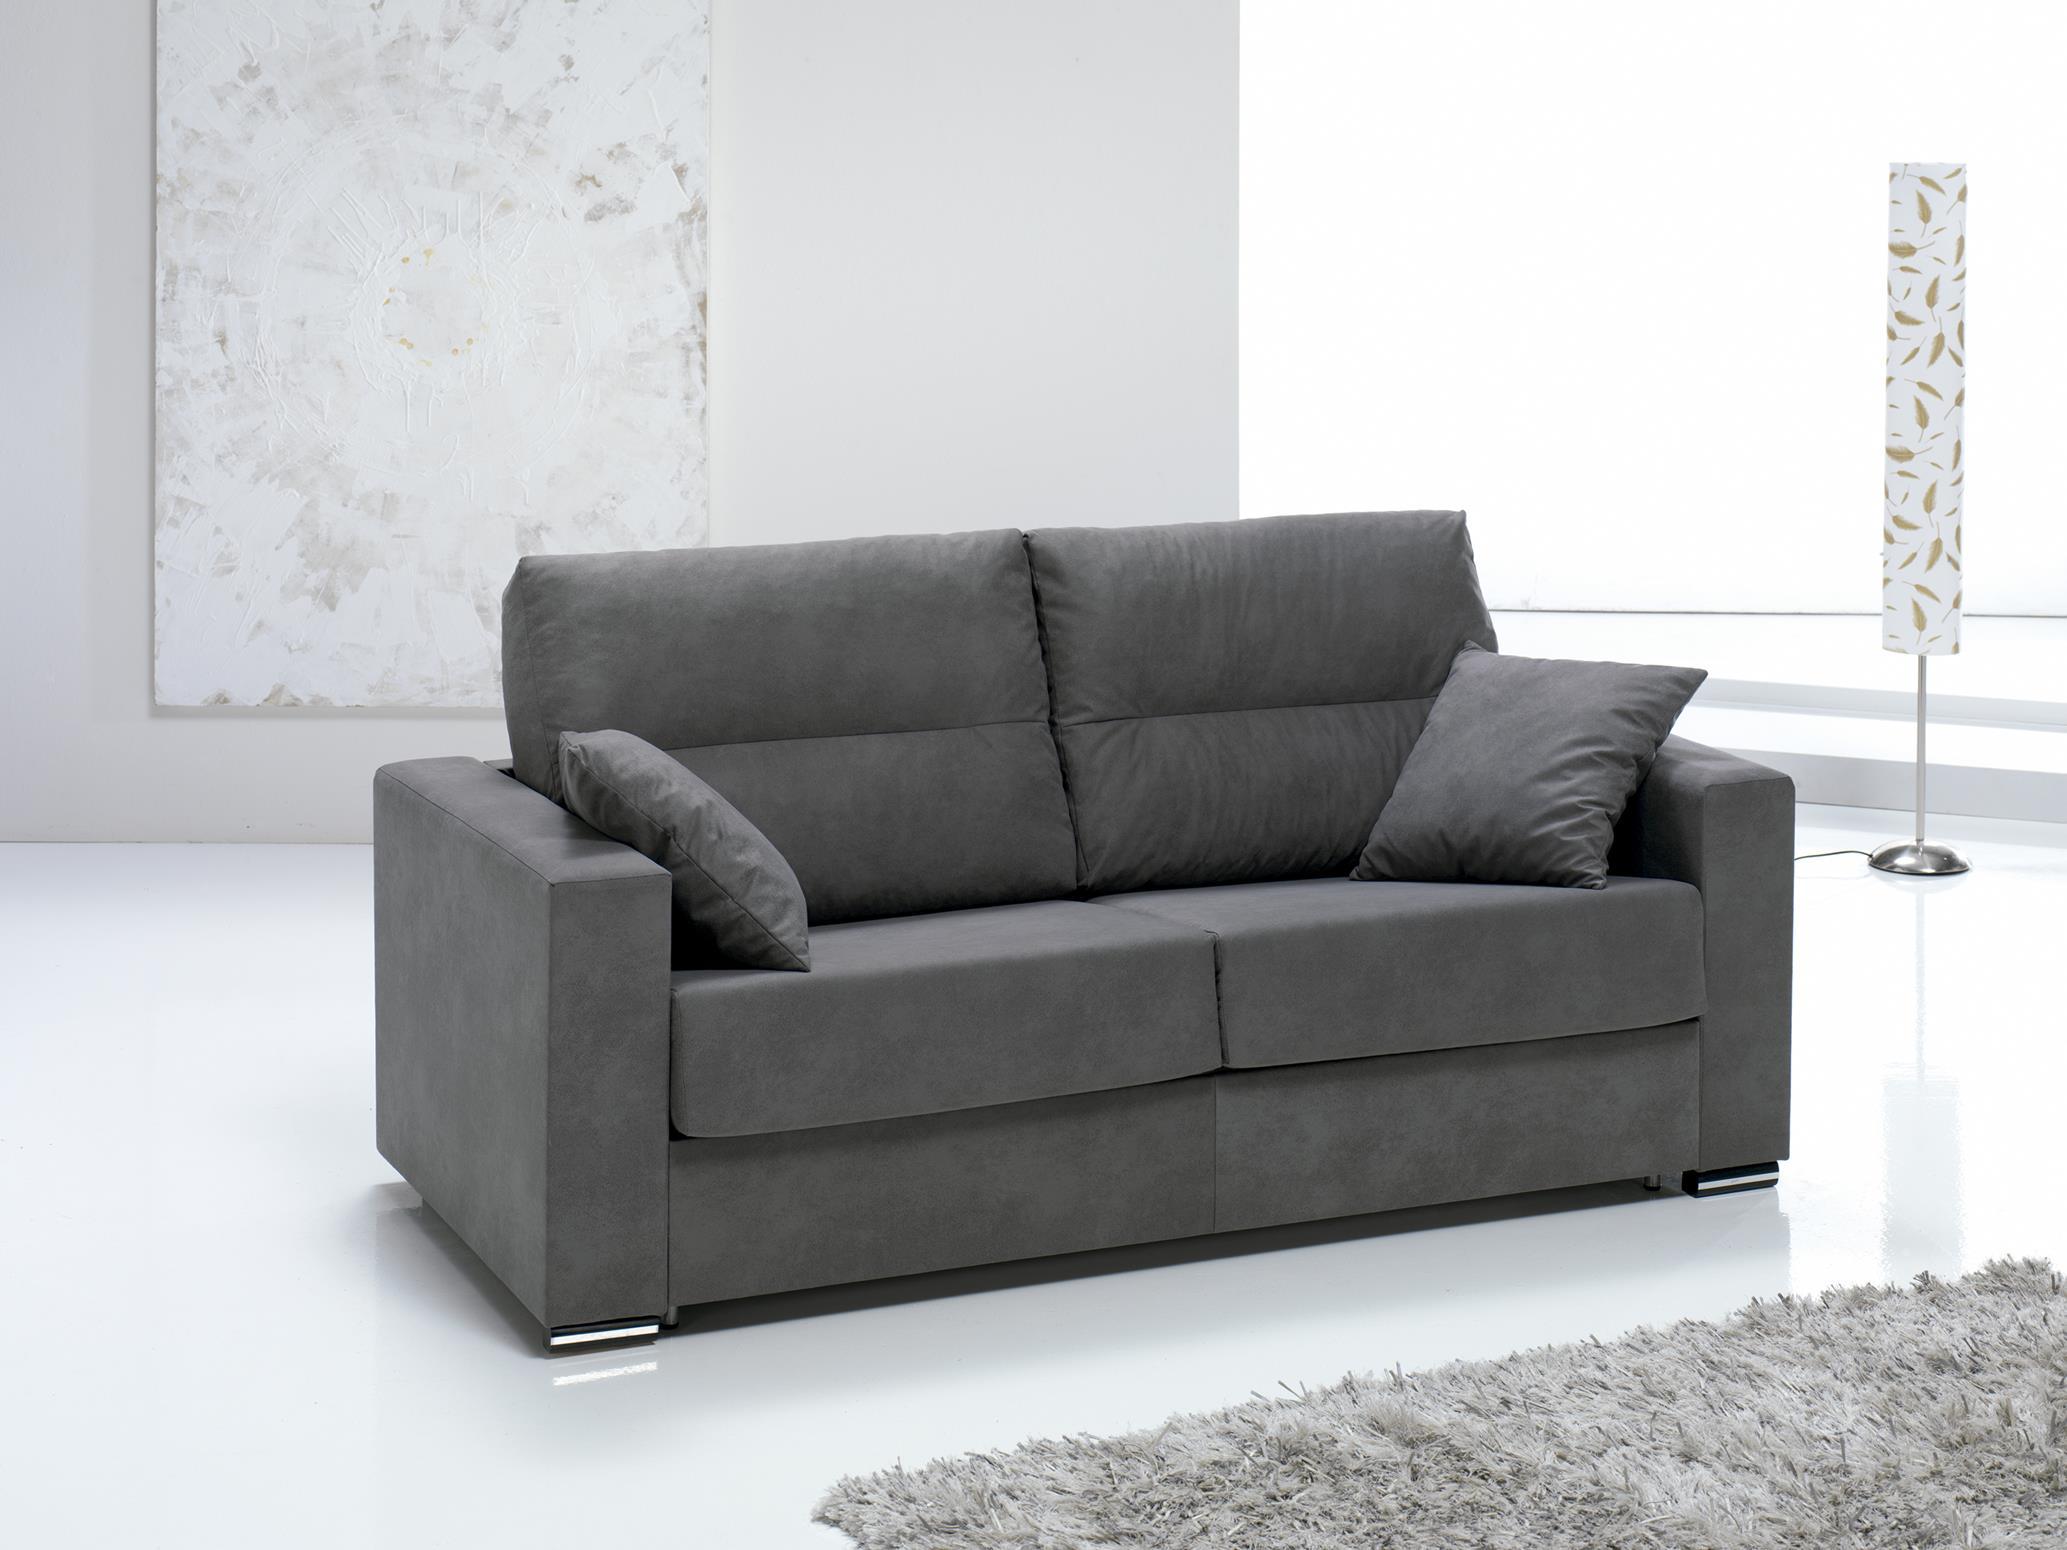 Selecci n del muebles al mejor precio muebles bandama - El mejor sofa cama del mercado ...